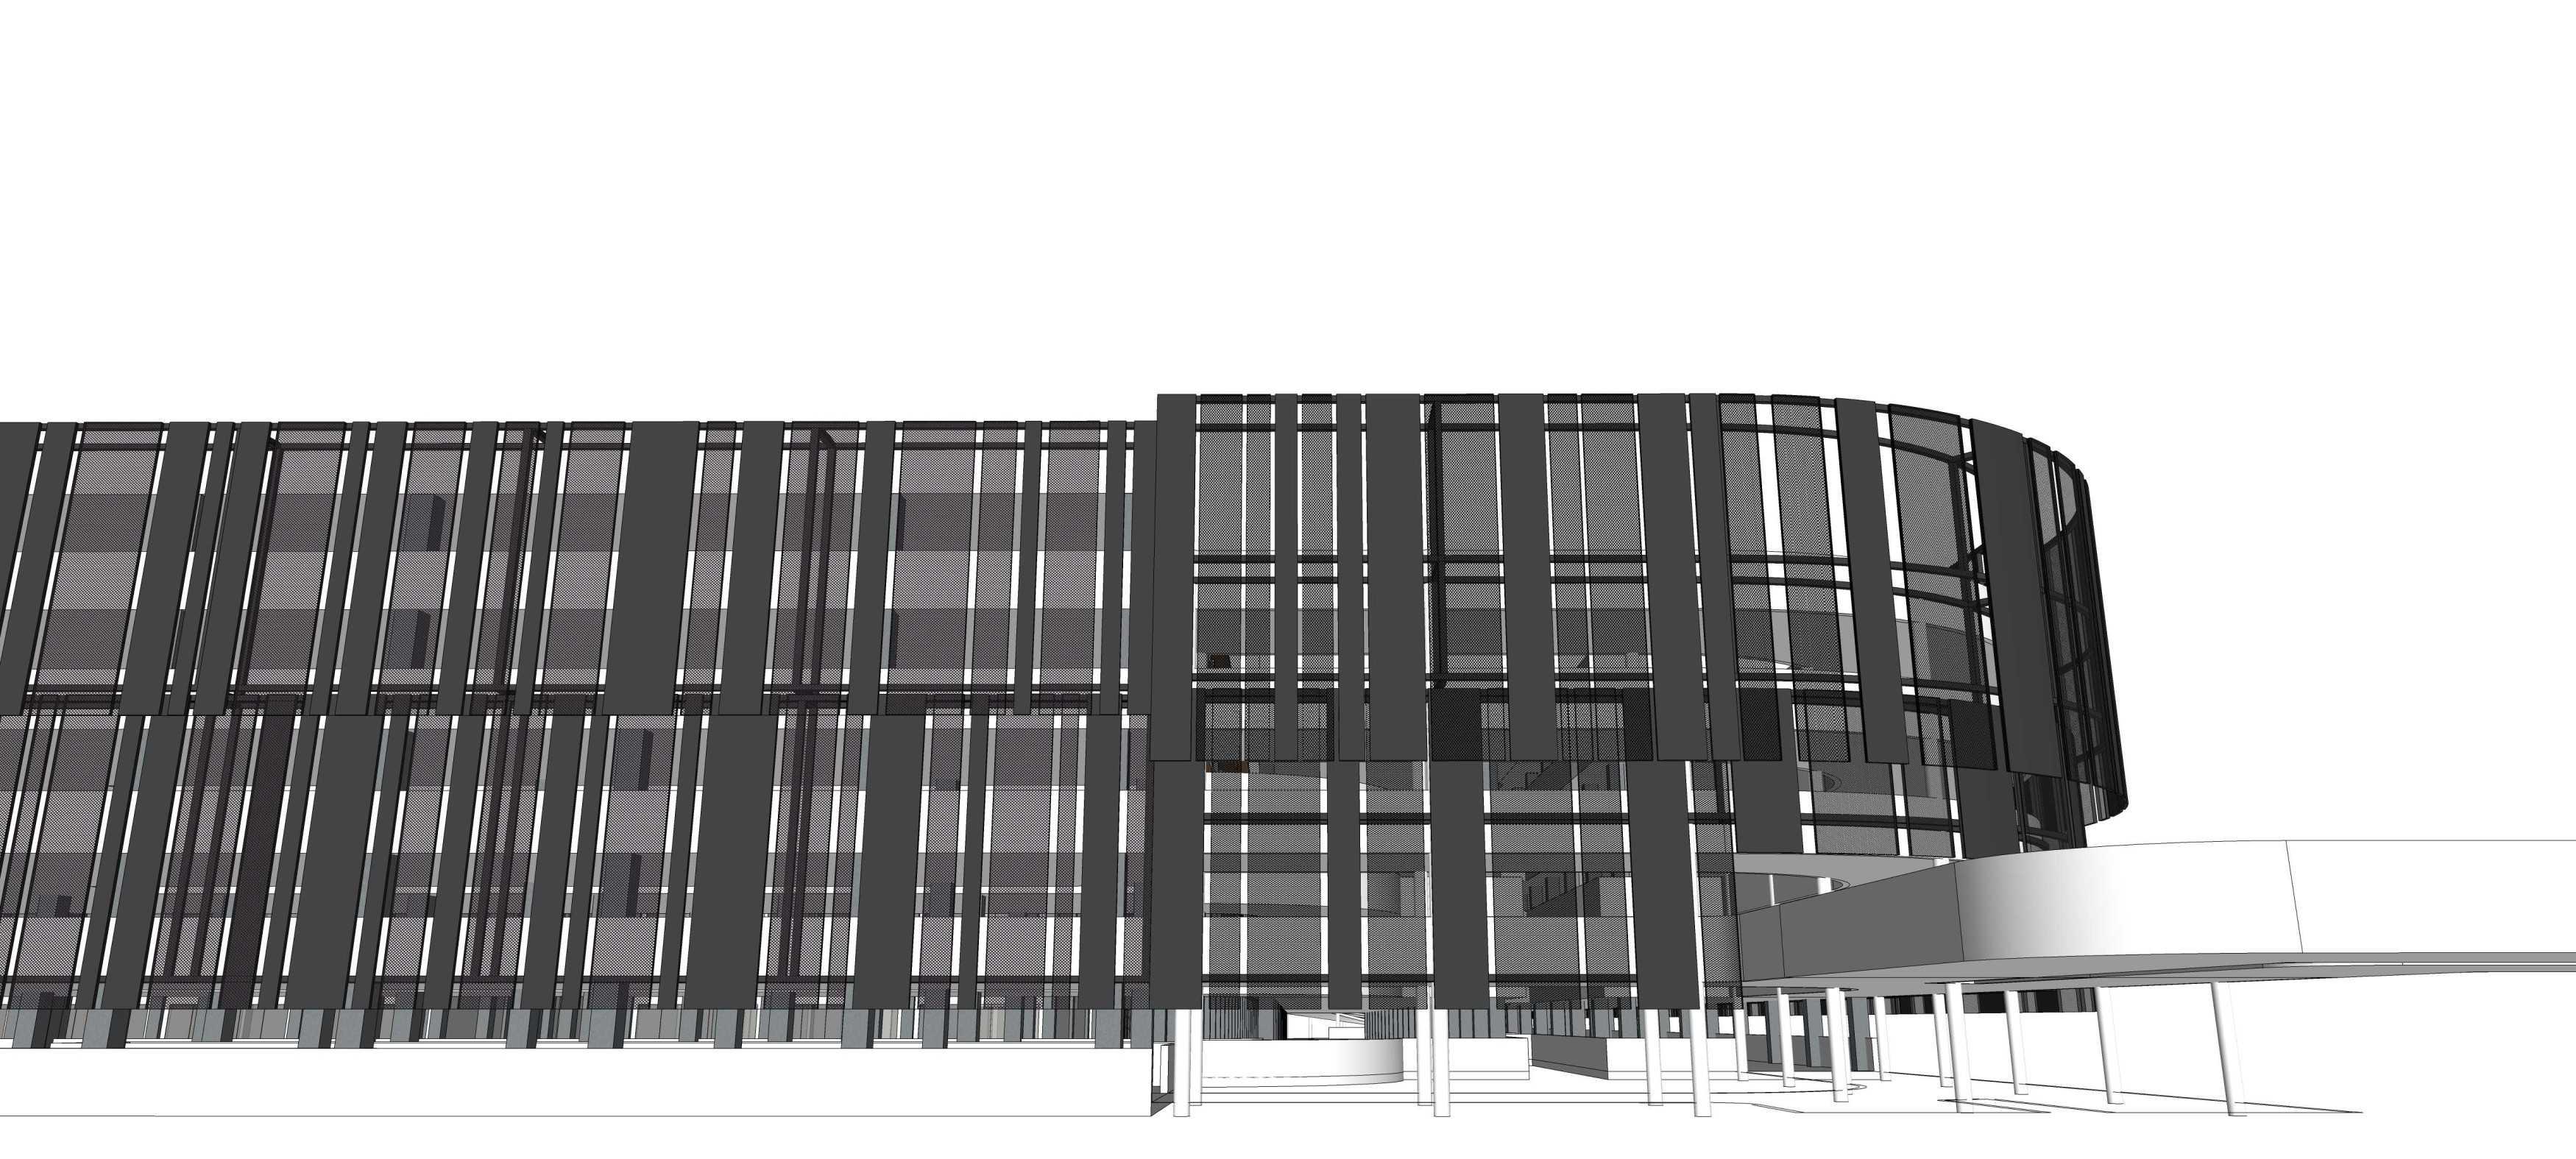 Miv Architect (Alfachri Kamarullah) Makassar Mall (Central) Makassar, Kota Makassar, Sulawesi Selatan, Indonesia Makassar, Kota Makassar, Sulawesi Selatan, Indonesia Miv-Architect-Alfachri-Kamarullah-Makassar-Mall-Central   62108